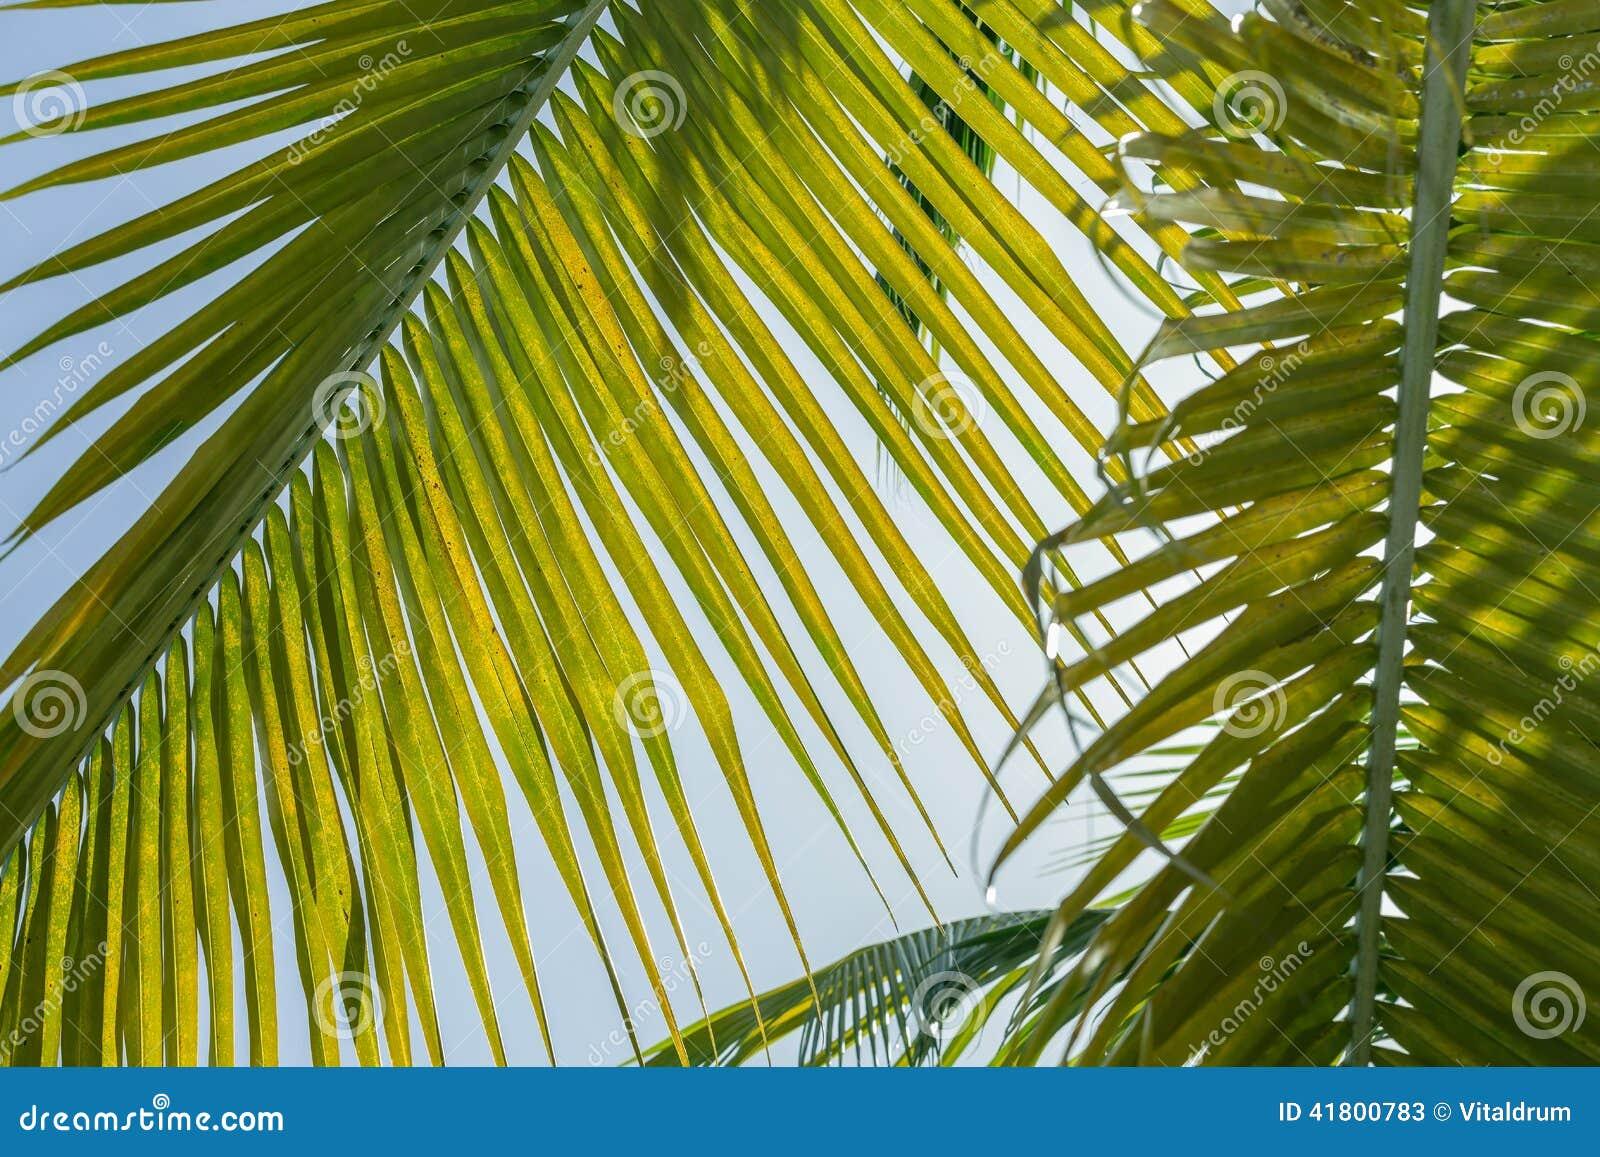 fond frais et en feuille de palmier vert avenant et beau contre le ciel bleu photo stock image. Black Bedroom Furniture Sets. Home Design Ideas